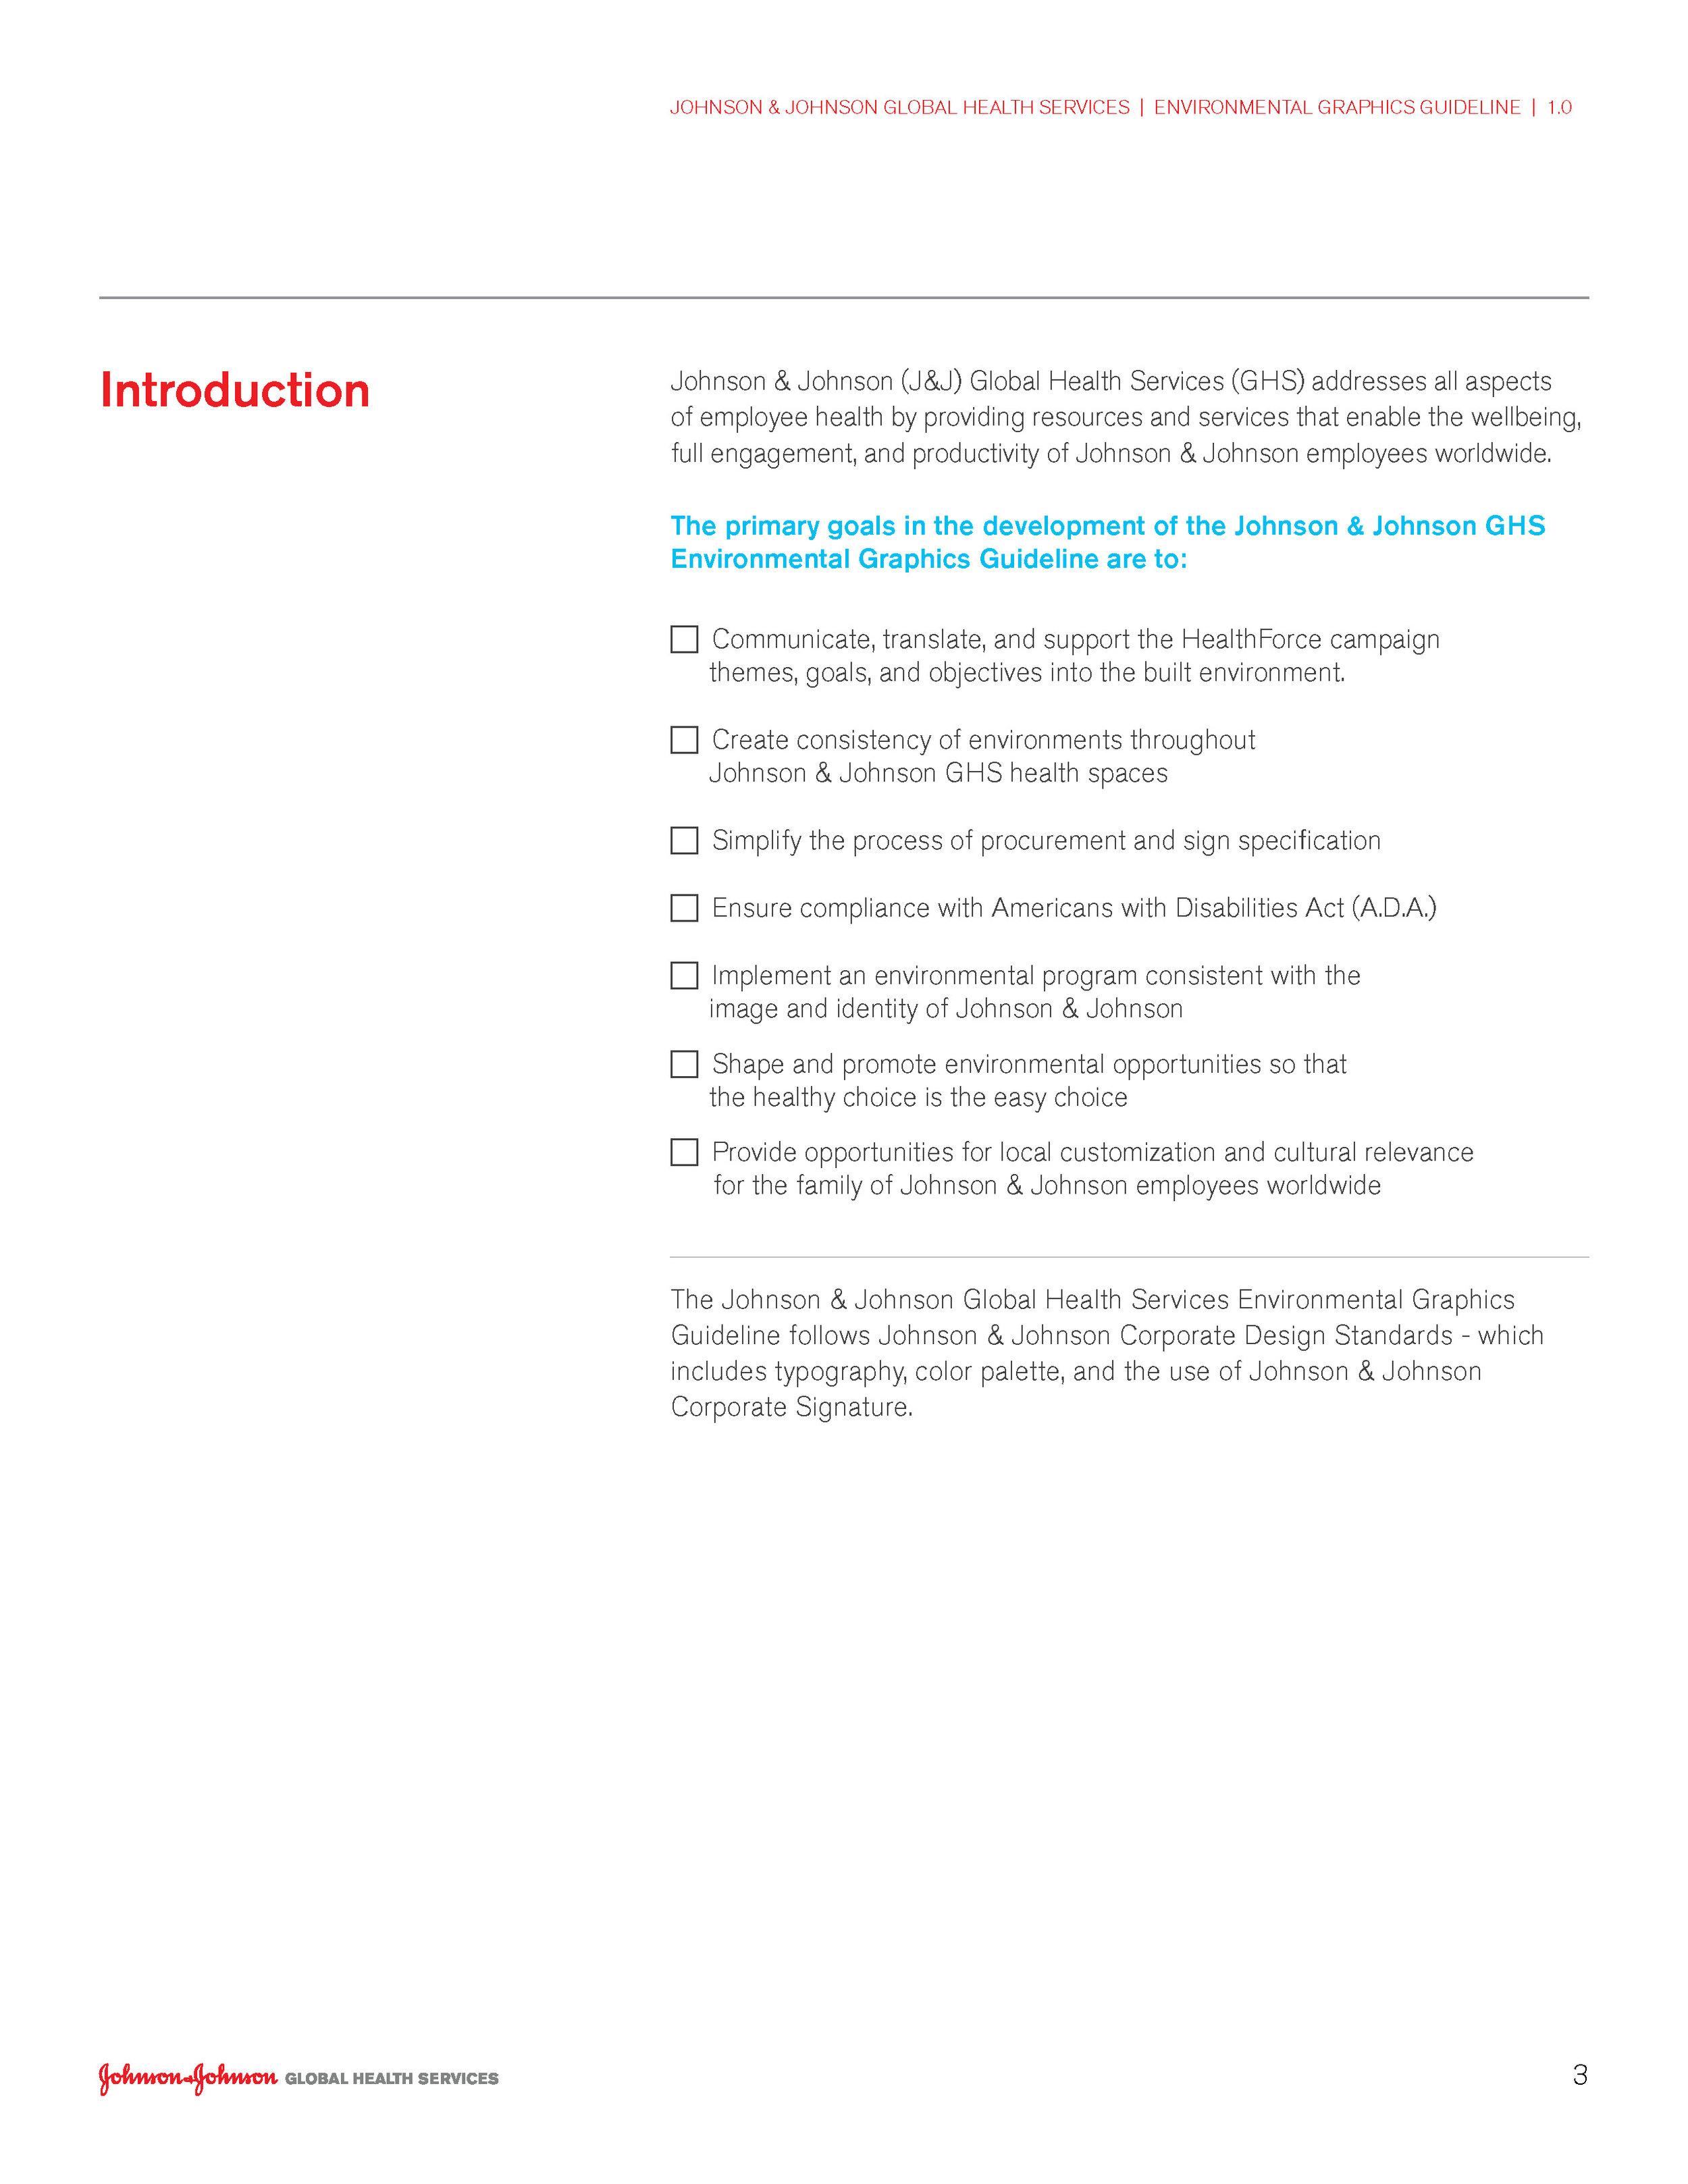 170929_GHS-EnvironmentalGuidelines_1.0 copy_Page_003.jpg